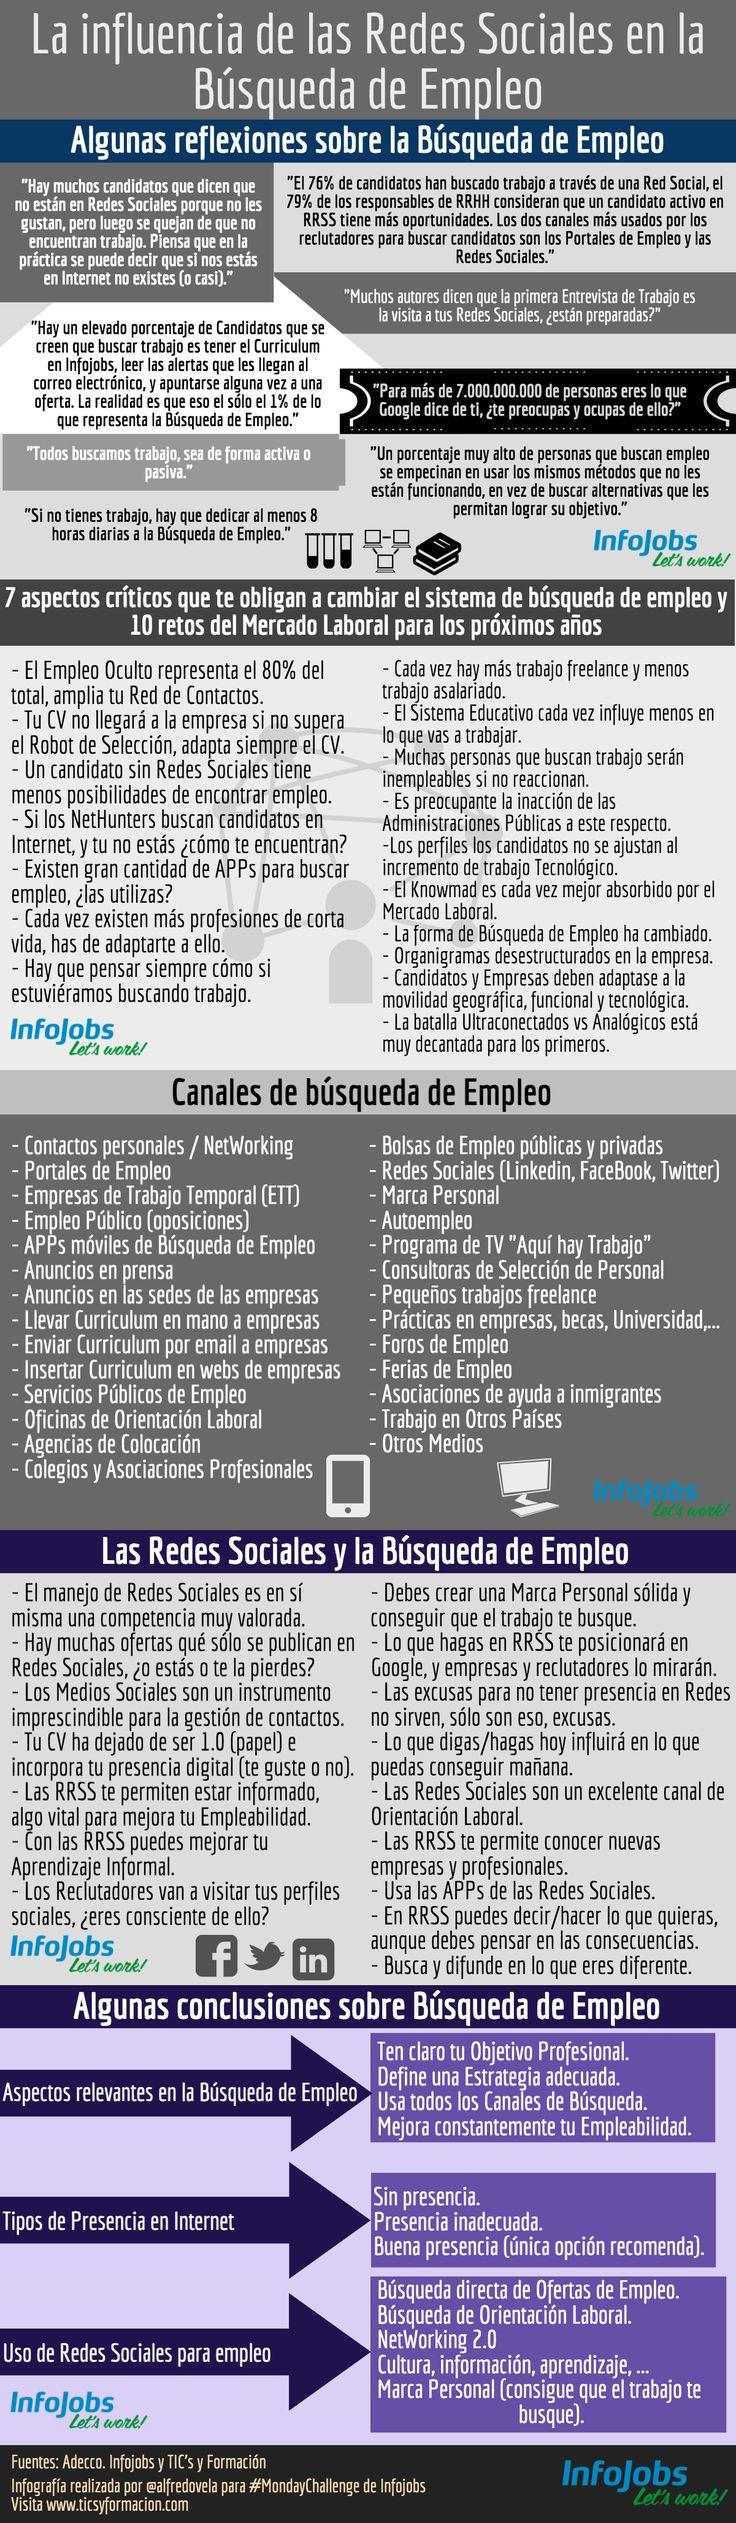 Influencia de las Redes Sociales en la Búsqueda de Empleo.